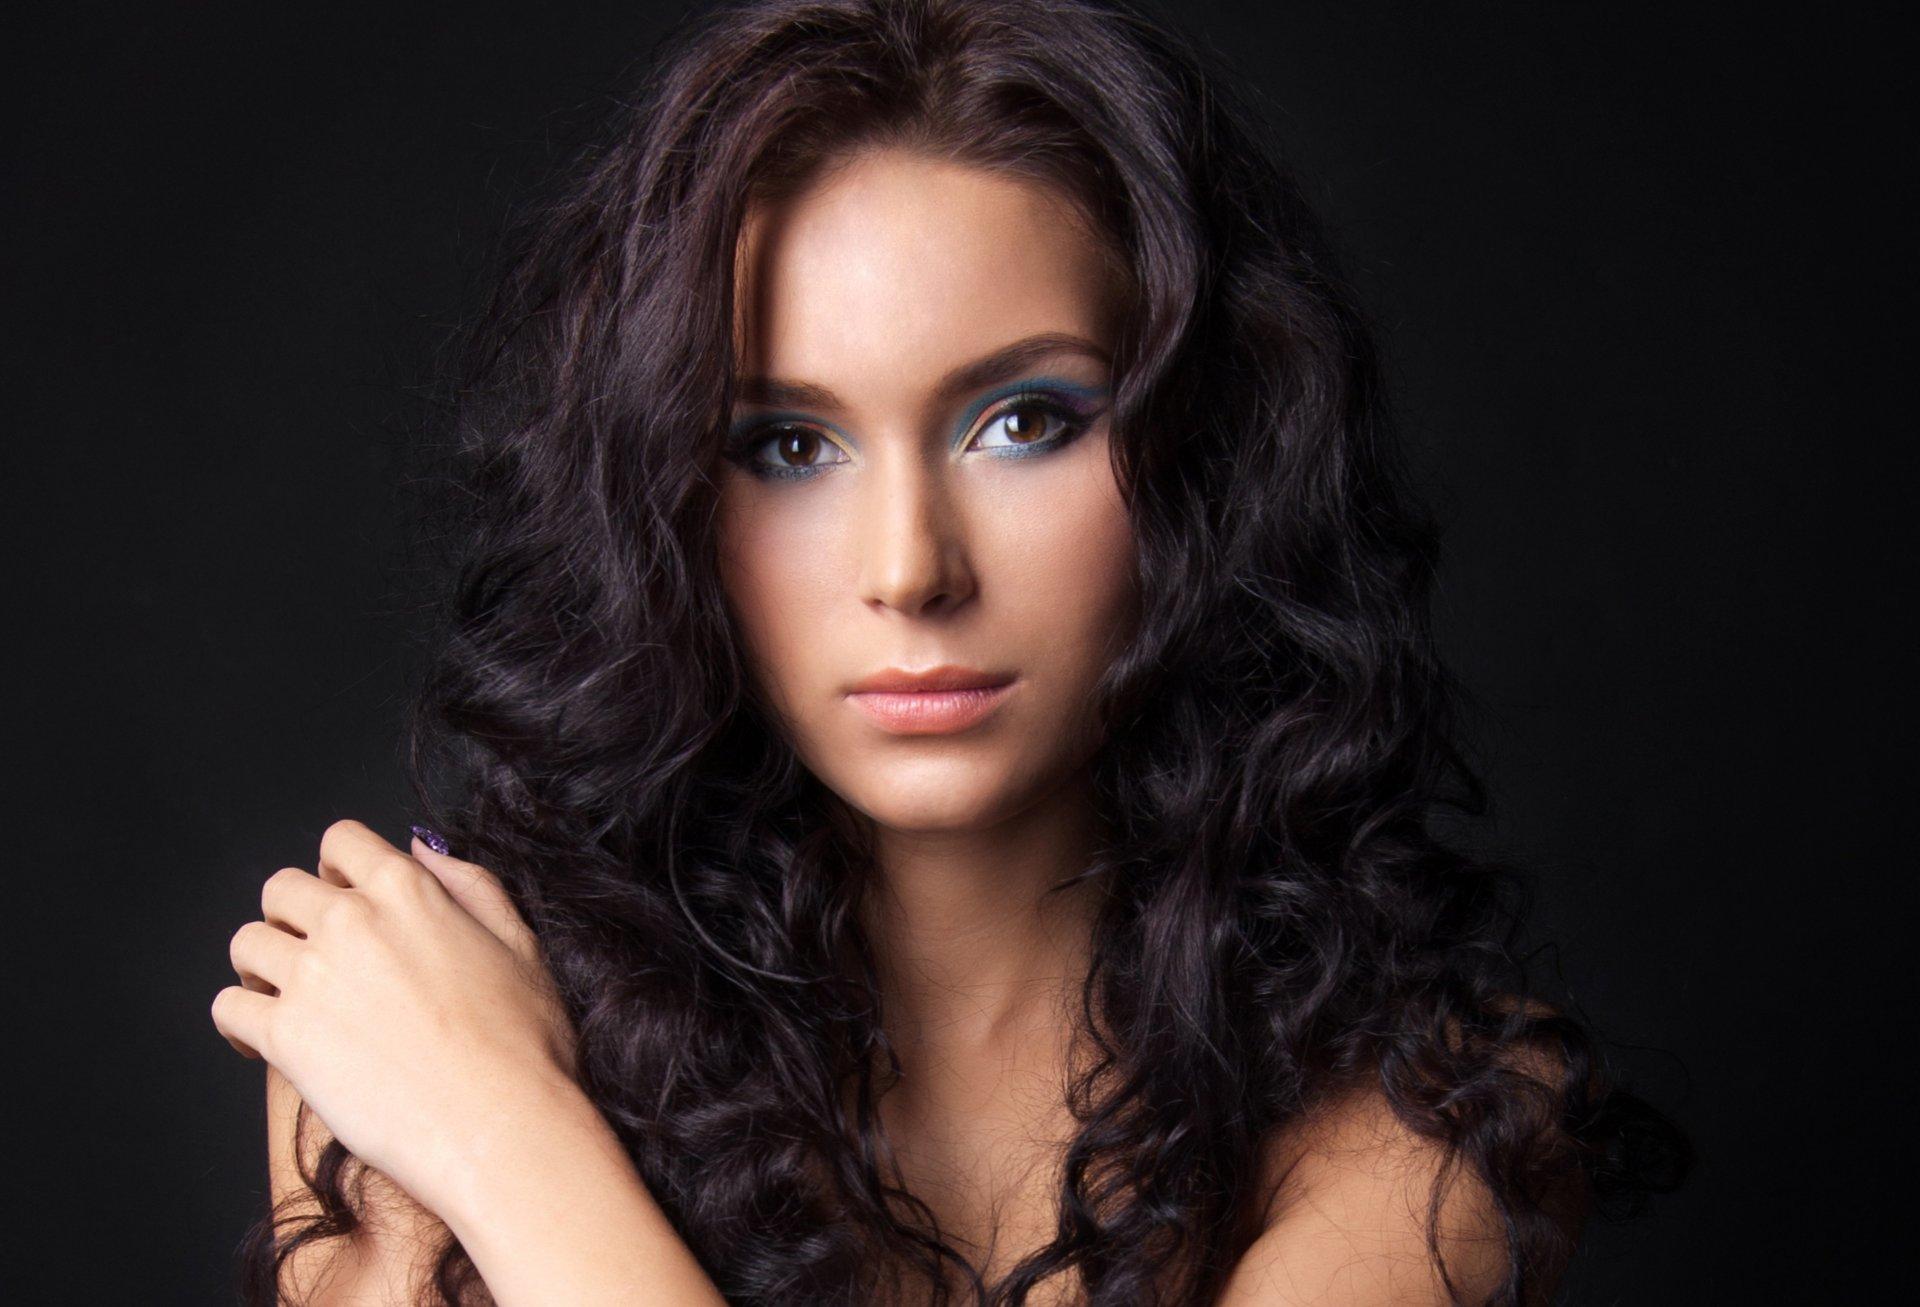 Девушка с макияжем и длинными волосами 45